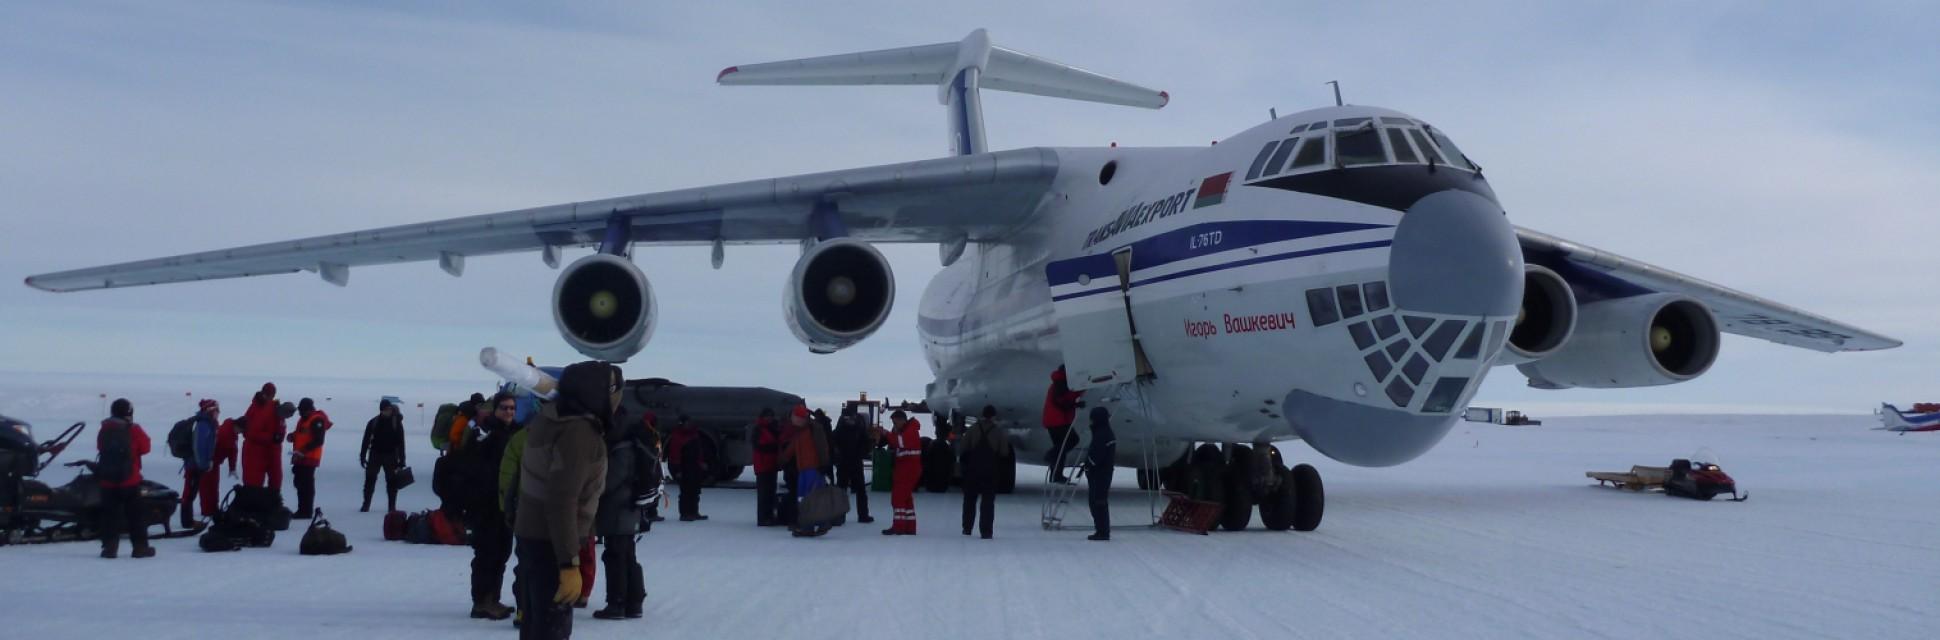 Expeditie in Antarctica